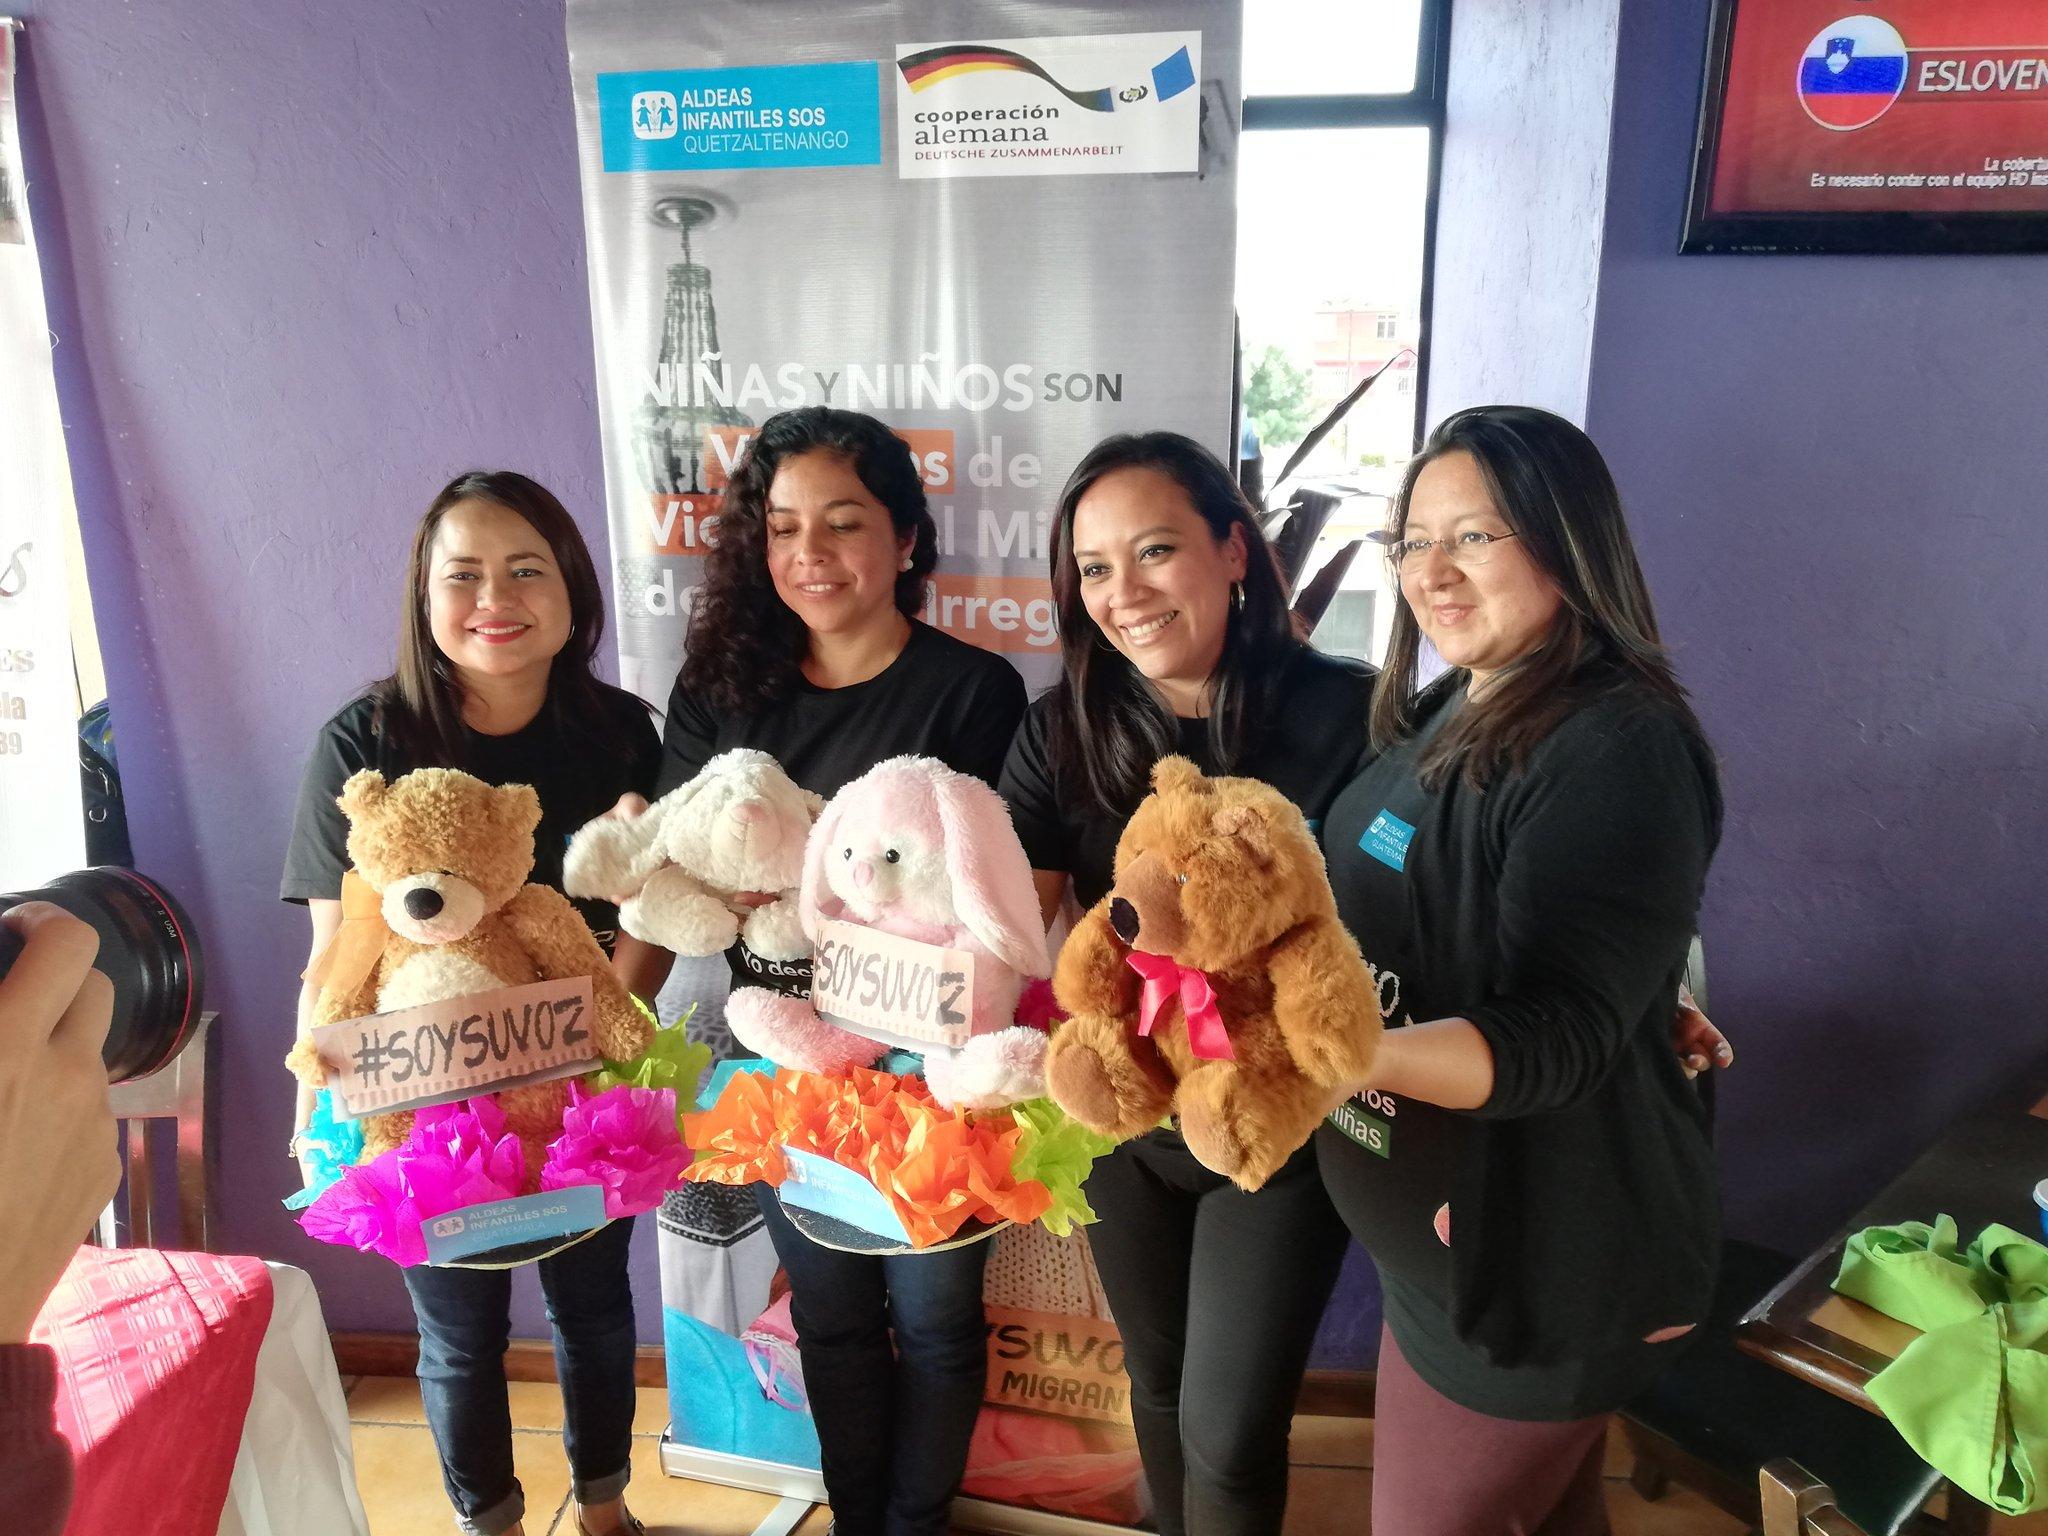 Conozca el objetivo de la recolección de peluches que organiza Aldeas Infantiles SOS